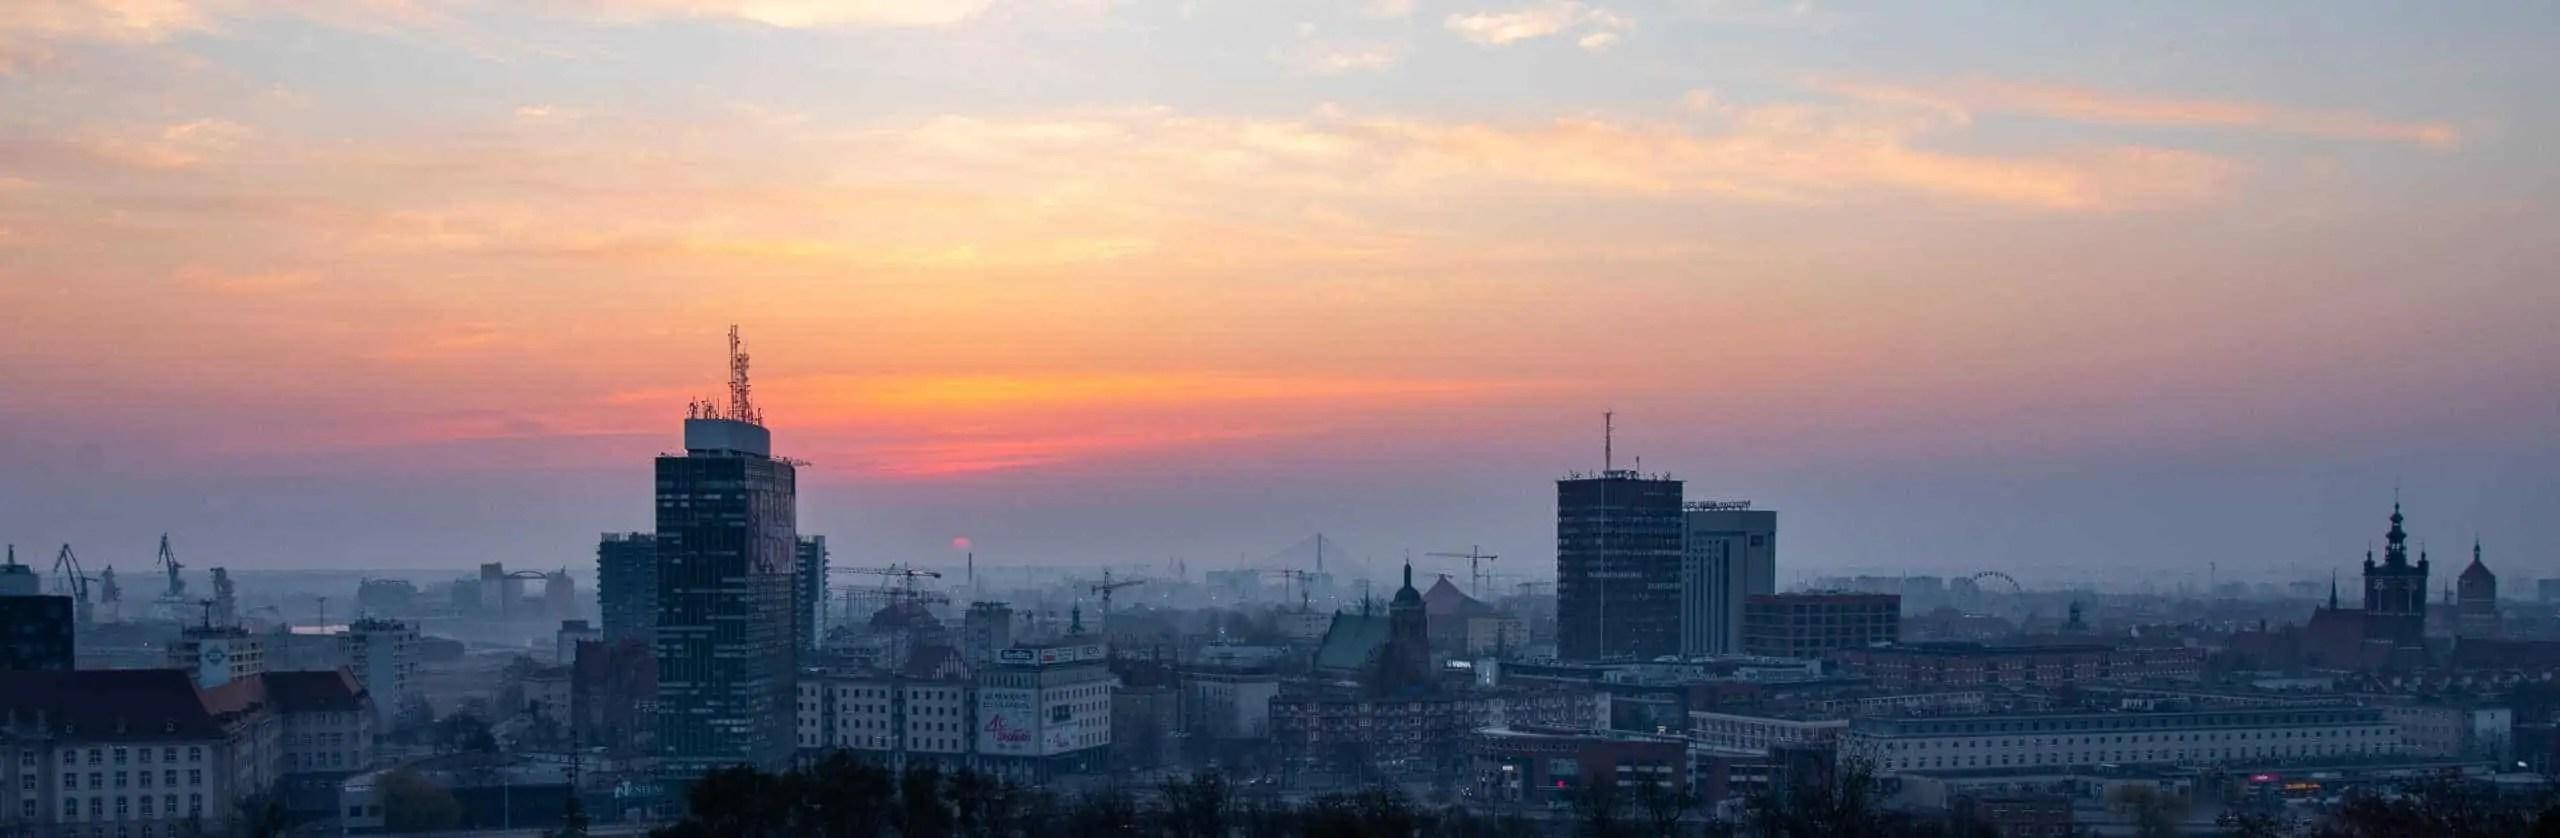 Wschód nad Gdańskiem oryginał - Pastelowe presety do lightrooma - cała wiedza i ponad 7 filtrów